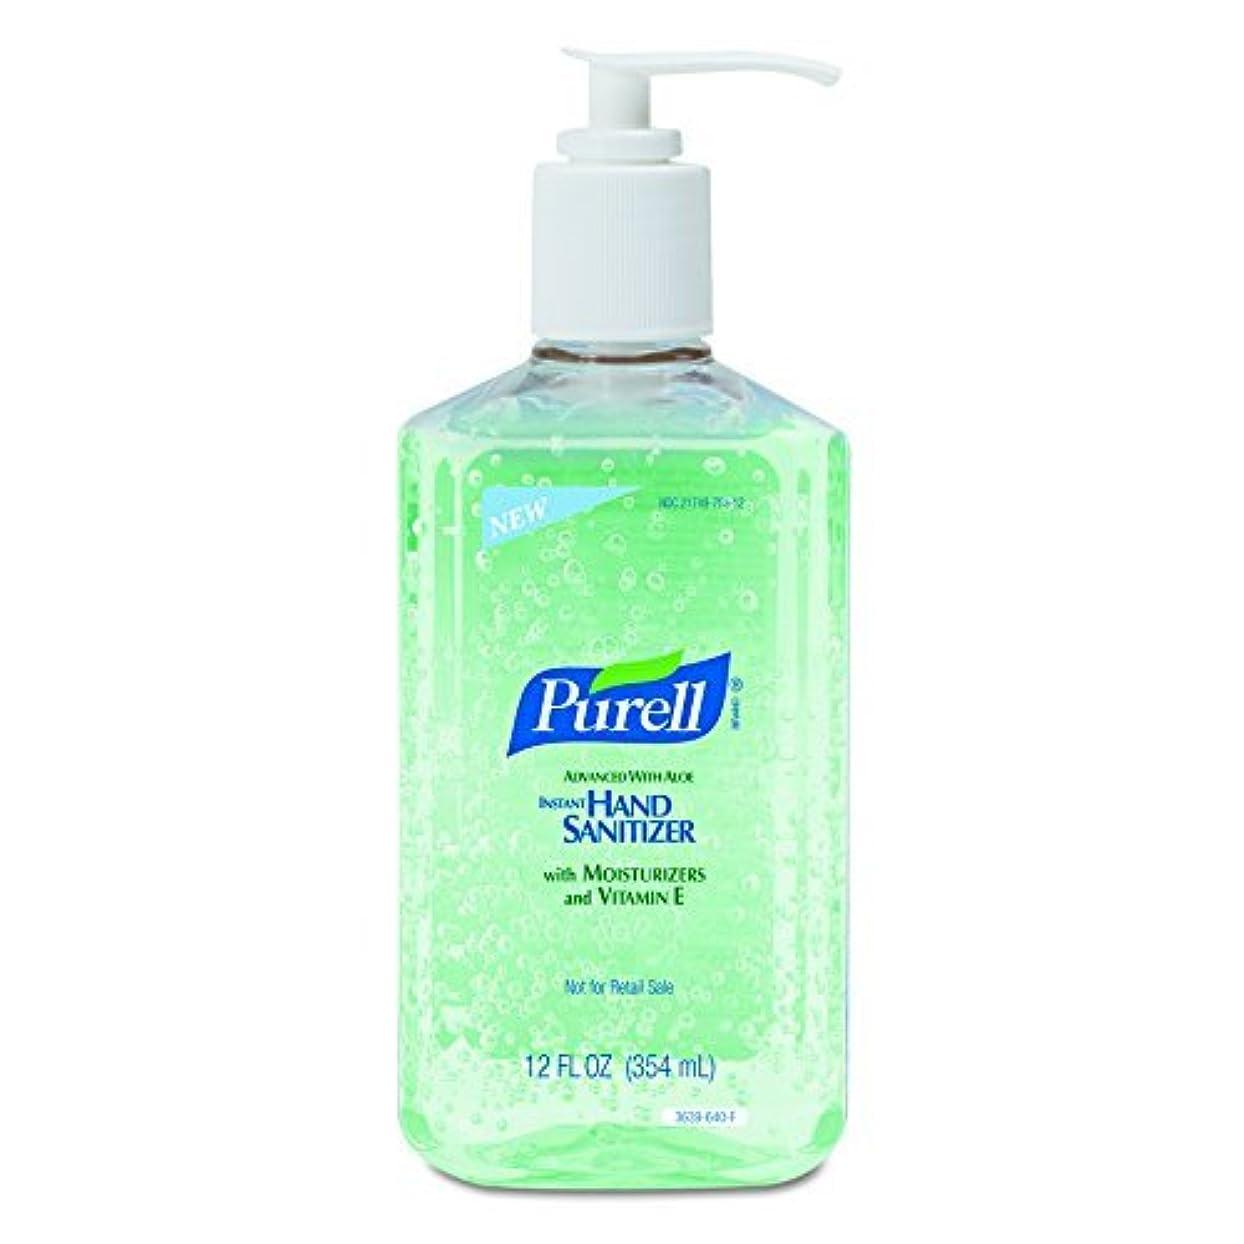 波紋戦う高尚なPURELL Advanced Hand Sanitizer Bottle - Hand Sanitizer Gel with Aloe and Moisturizers 12 fl oz Bottle (Case of...